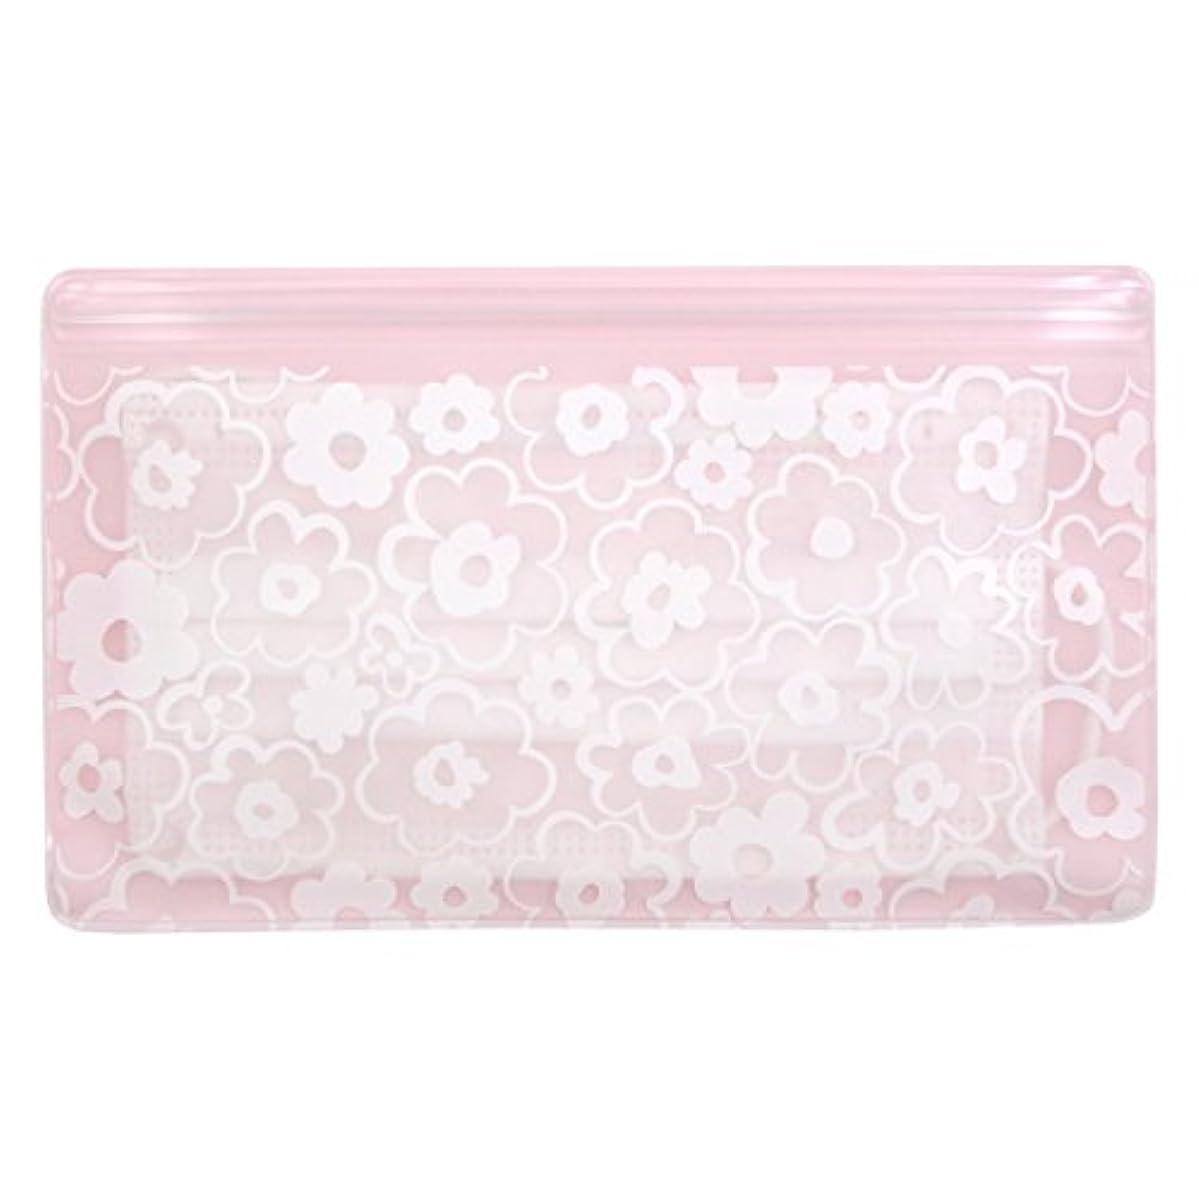 画像偽善むさぼり食う抗菌マスクケース Wポケット 花柄ピンク いやあらっくす